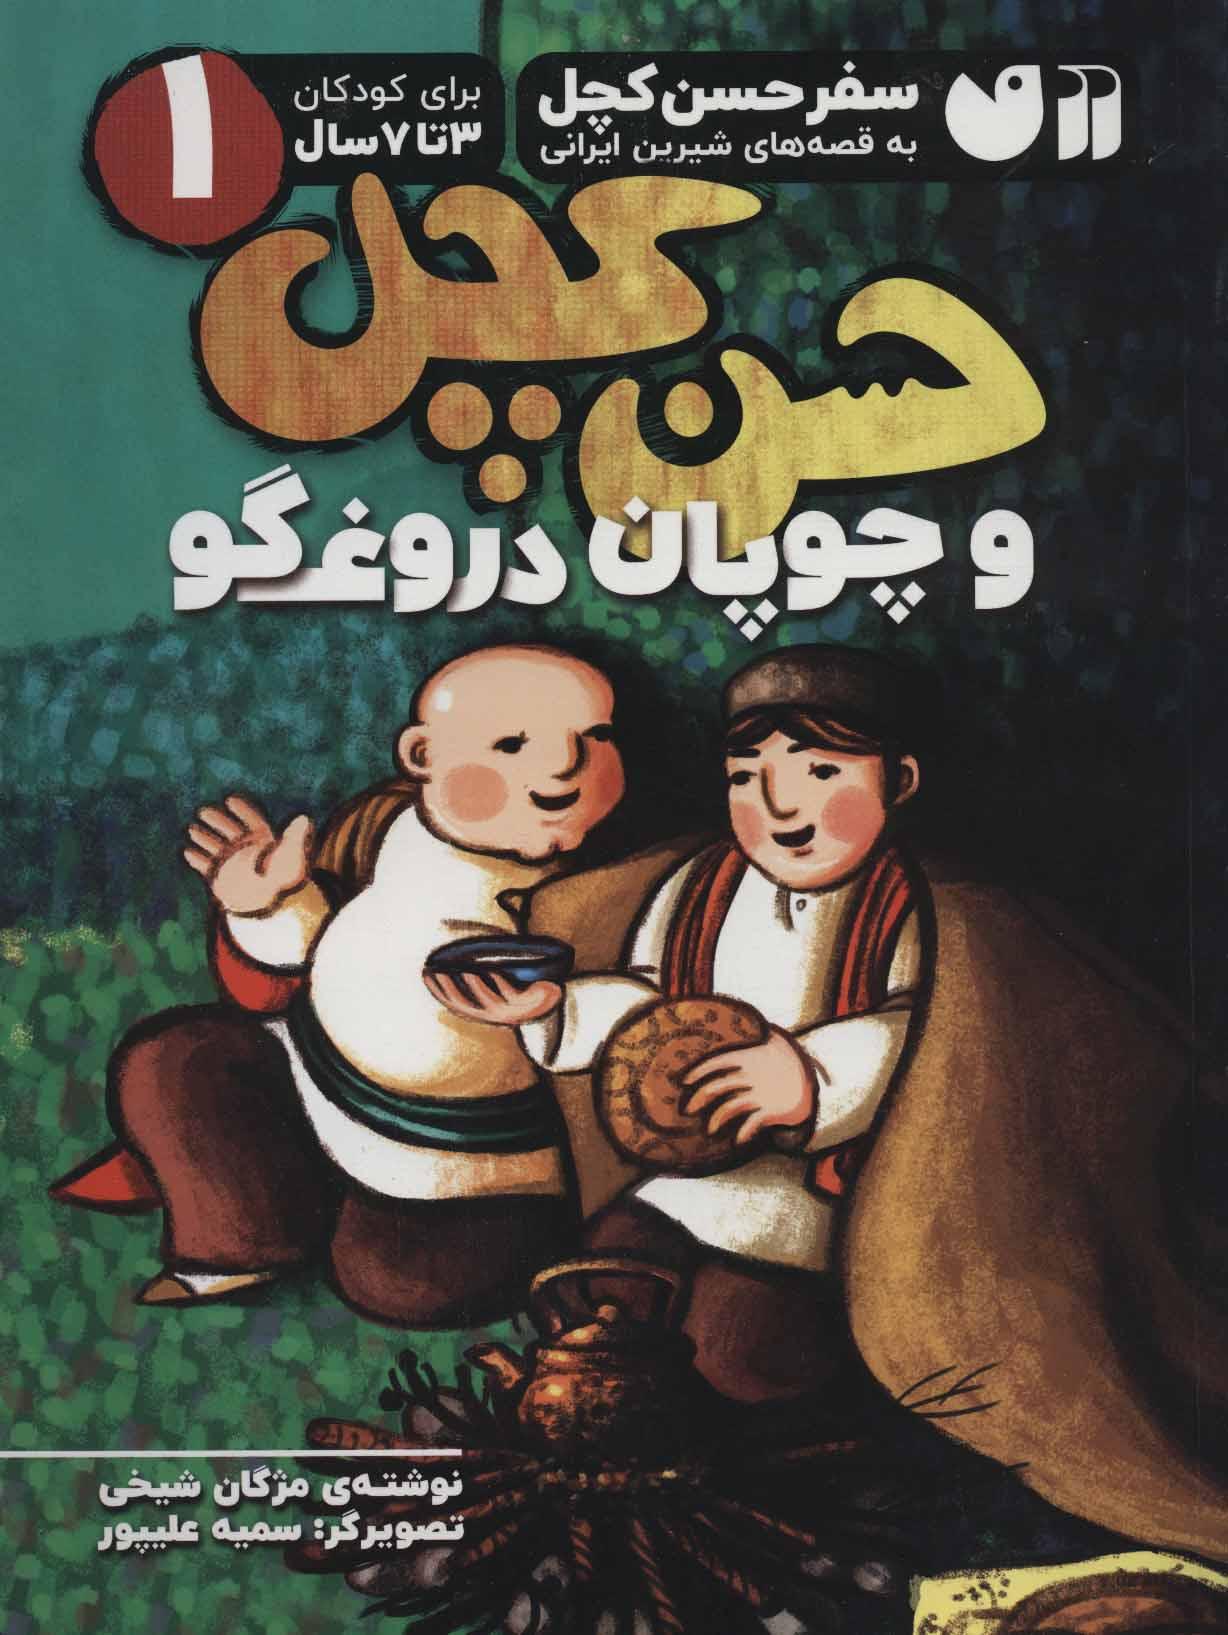 سفر حسن کچل به قصه های شیرین ایرانی 1 (حسن کچل و چوپان دروغگو)